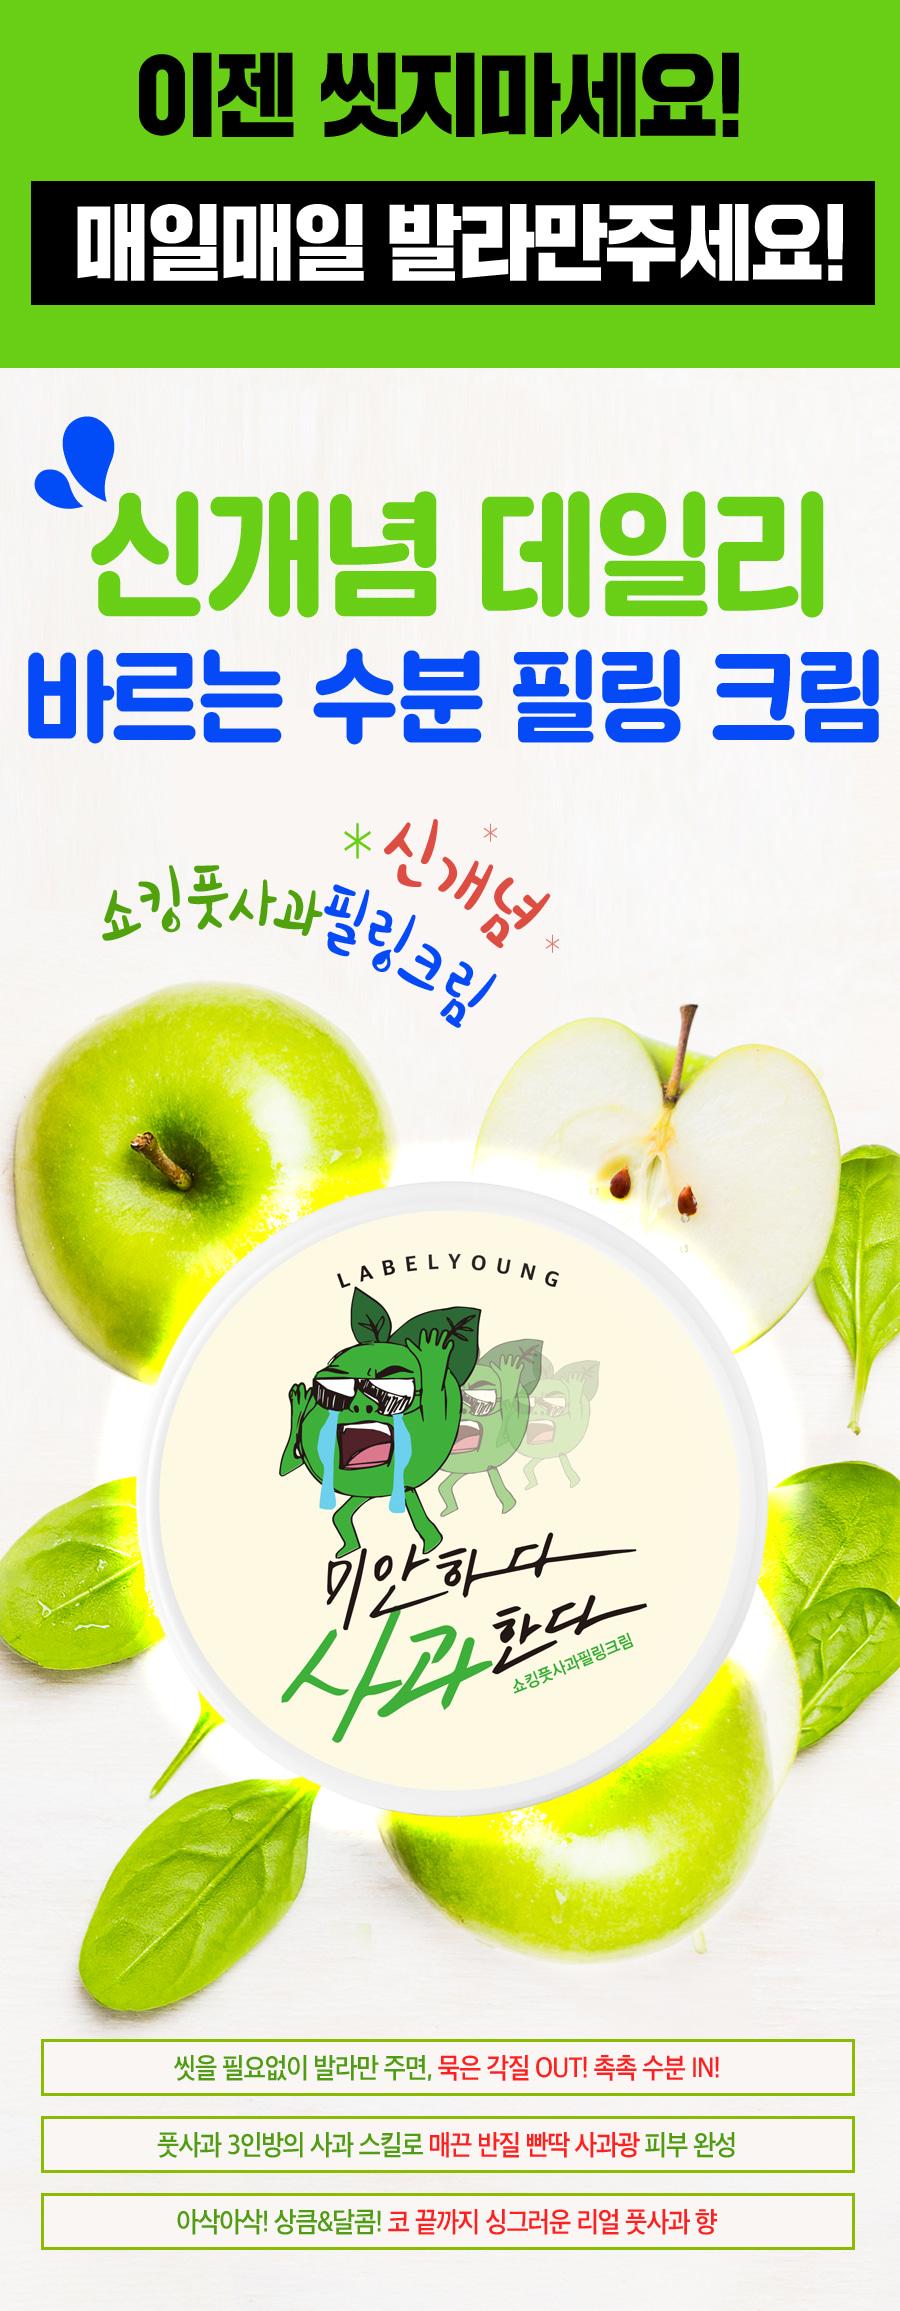 쇼킹풋사과필링크림 - 라벨영, 27,000원, 크림/오일, 크림